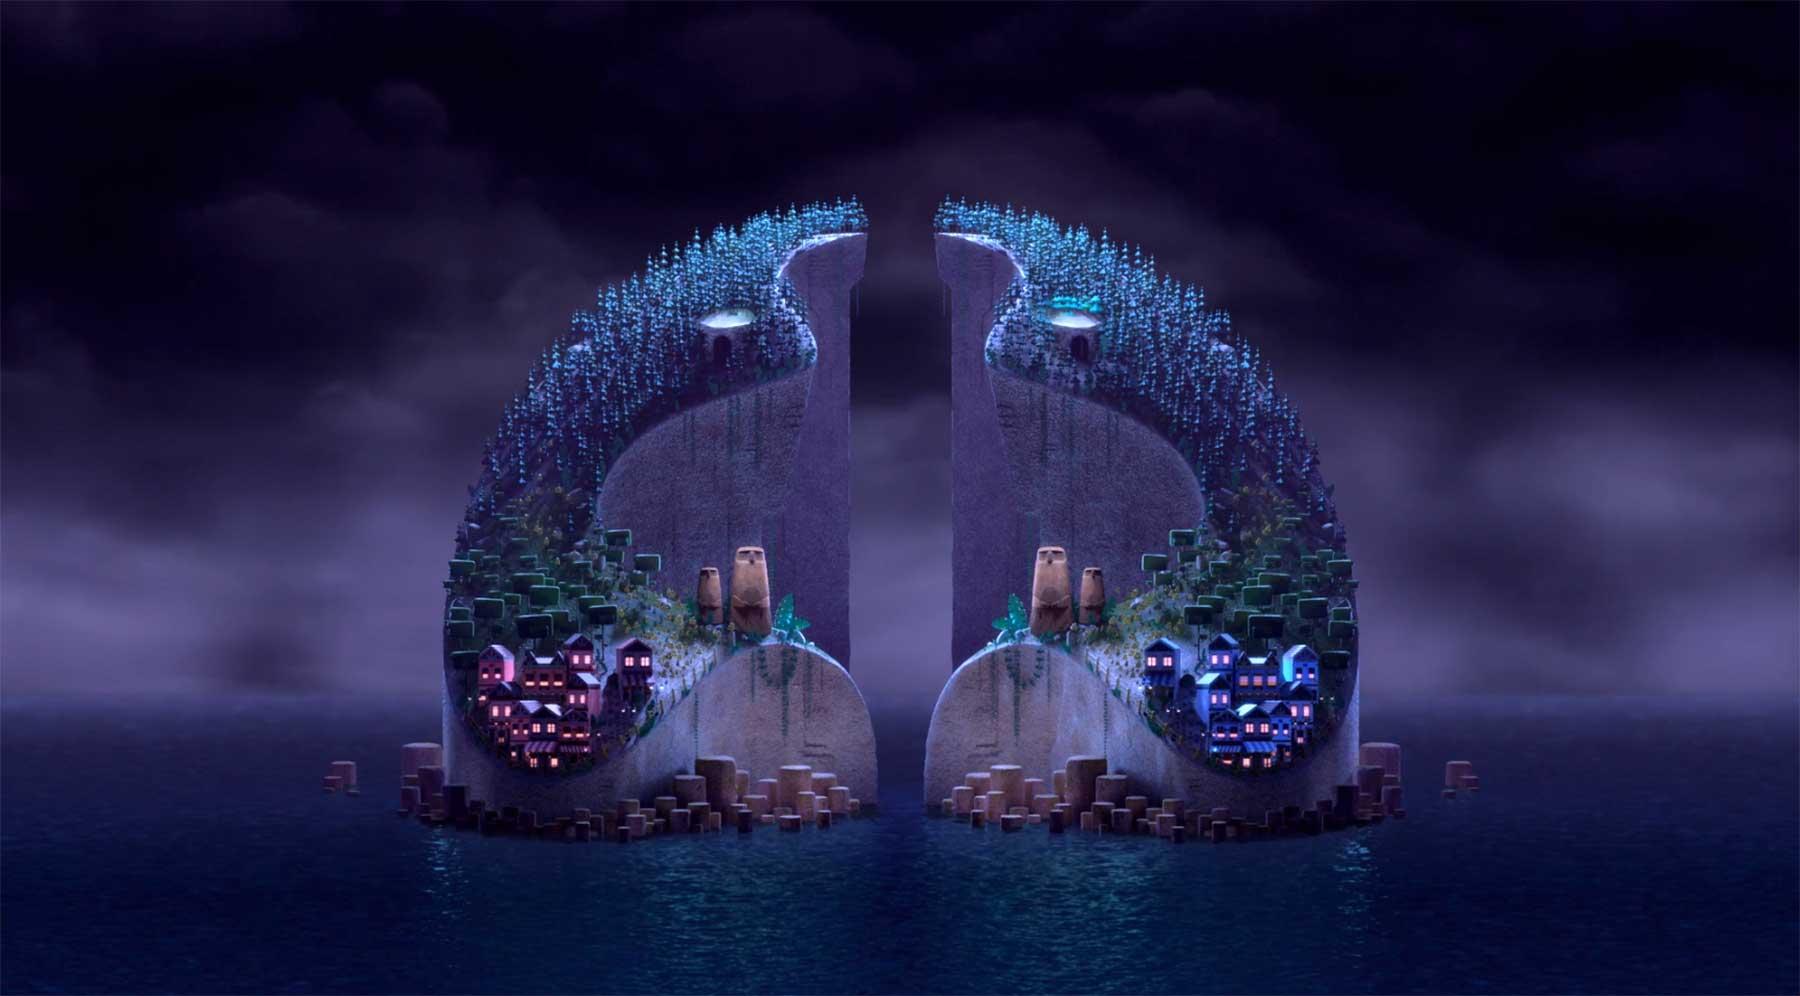 Auf diesen Zwillingsinseln muss alles symmetrisch sein